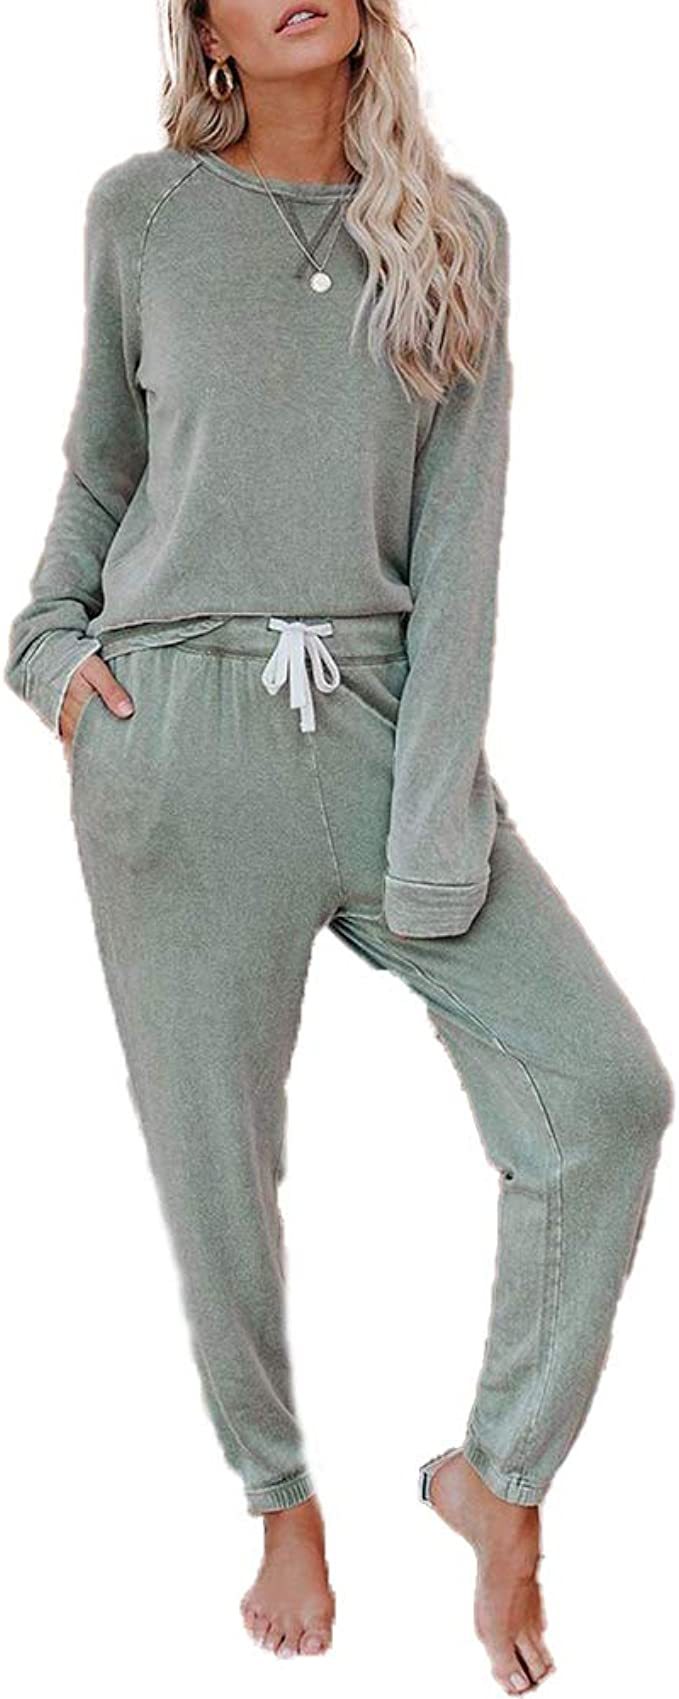 Details about  /US 2PCS Women Comfy Pajamas Set Loose Cold Shoulder Tops Short Pants Loungewear